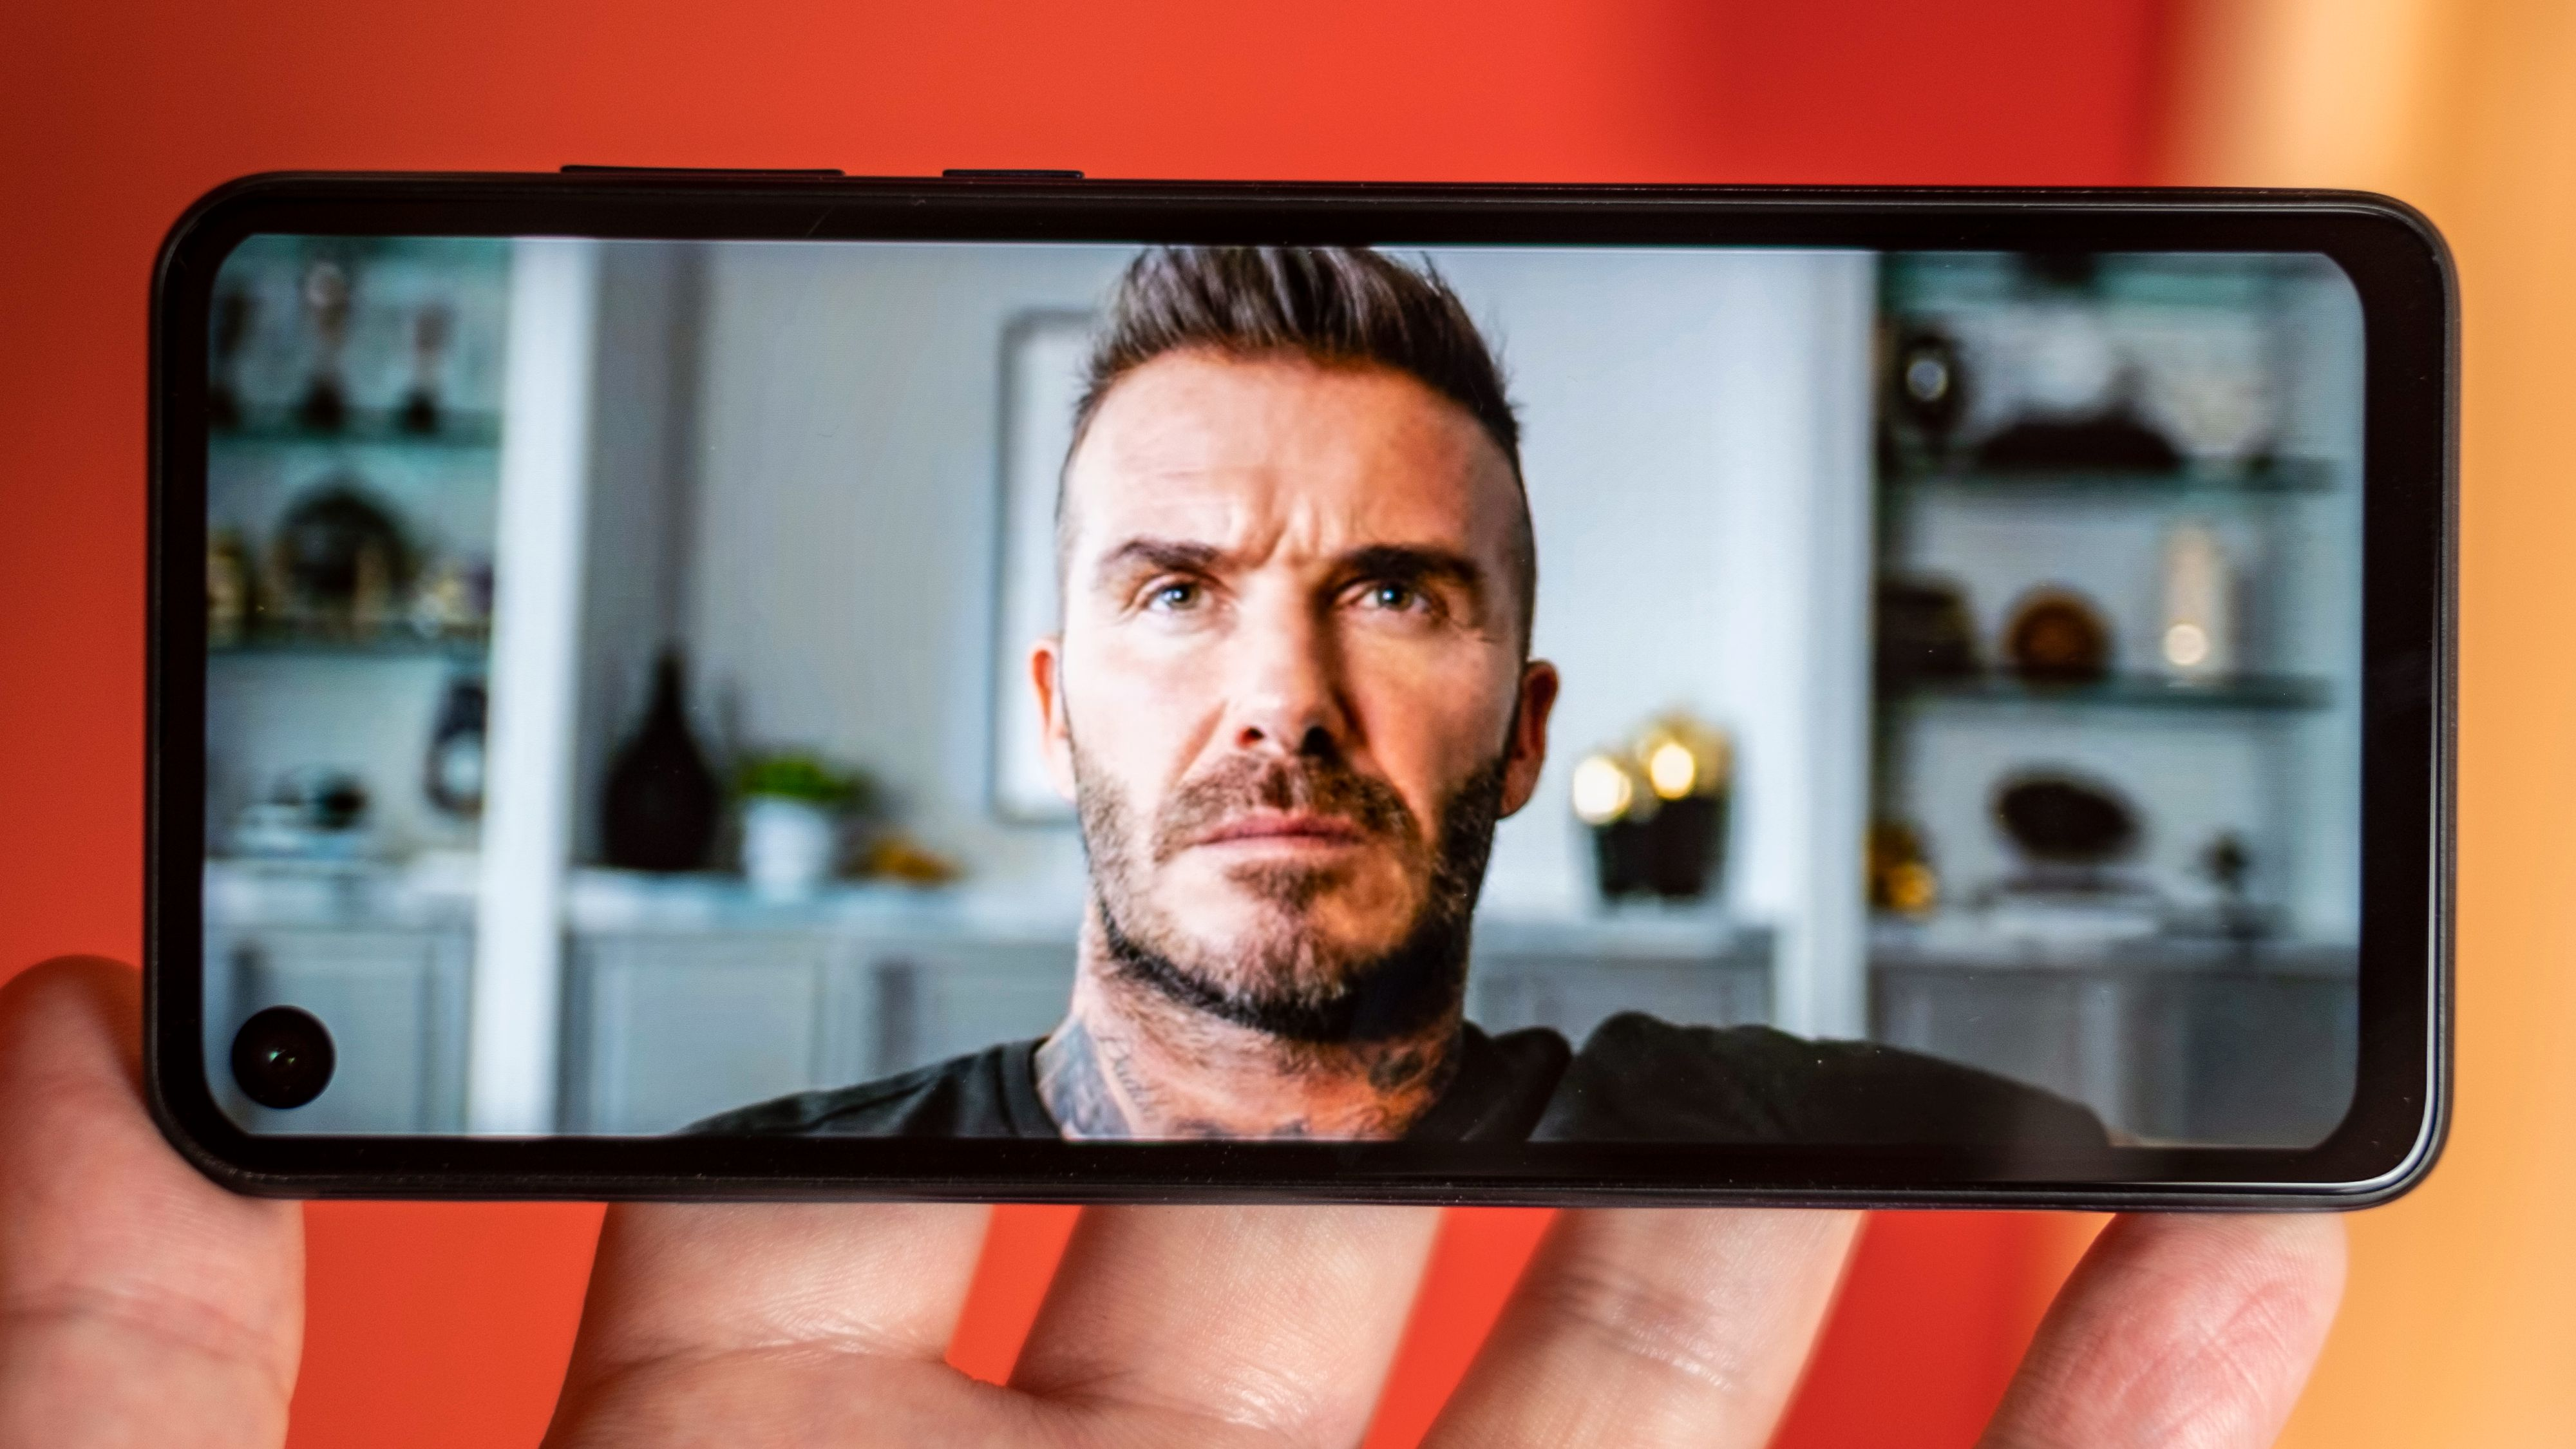 Slik kan 21:9-skjermen være på sitt beste. Deadpool-reklamen er i 21:9, og det lille av David Beckhams hårsveis som går utenom skjermen er ment å gjøre det. I Youtube får du også brukt hele skjermen når du vil.